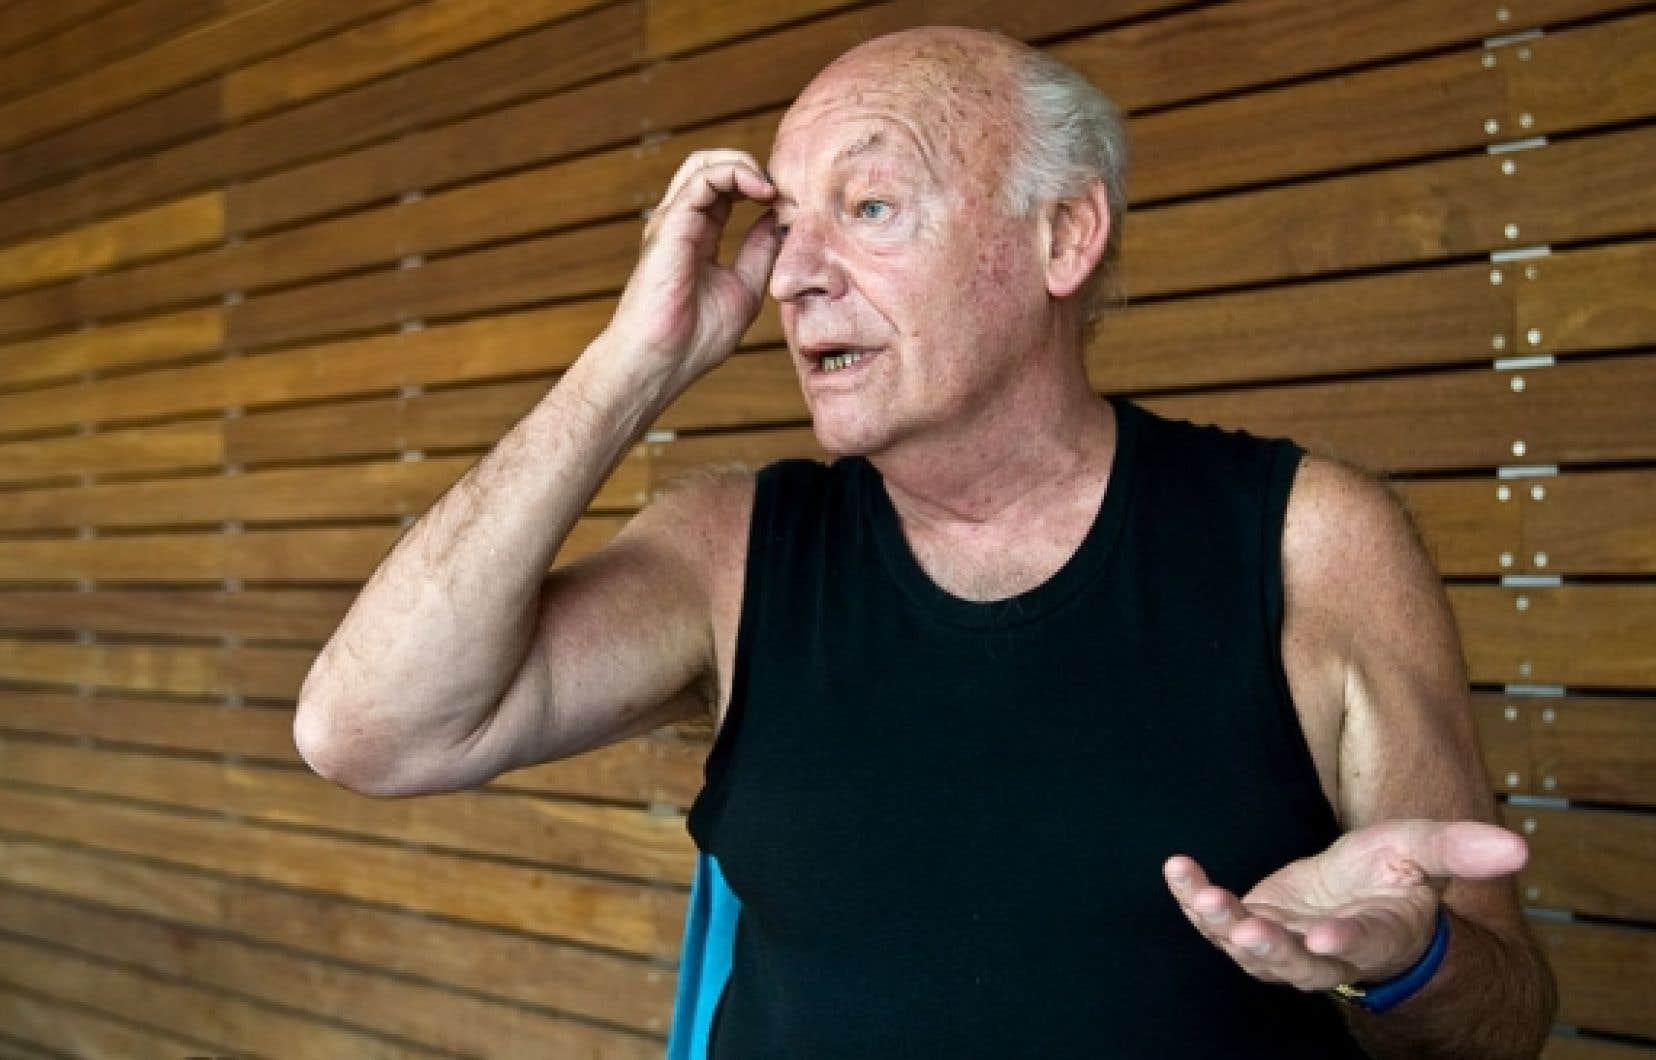 <div> L'auteur Eduardo Galeano, journaliste, essayiste et historien engagé uruguayen, a été révélé avec son livre Les veines ouvertes de l'Amérique latine.</div>